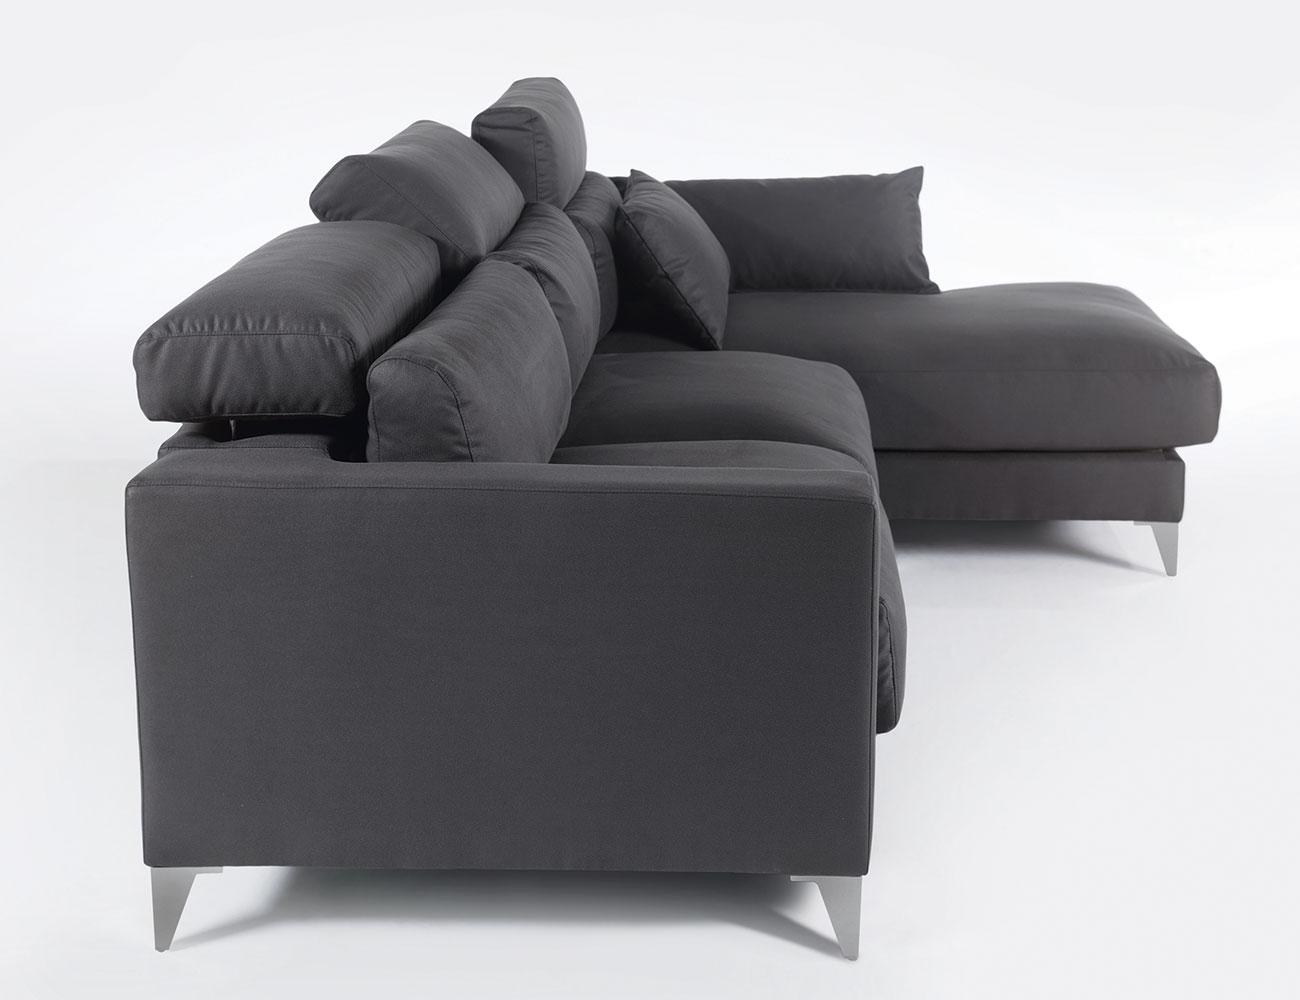 Sofa chaiselongue gran lujo decorativo grafito 112